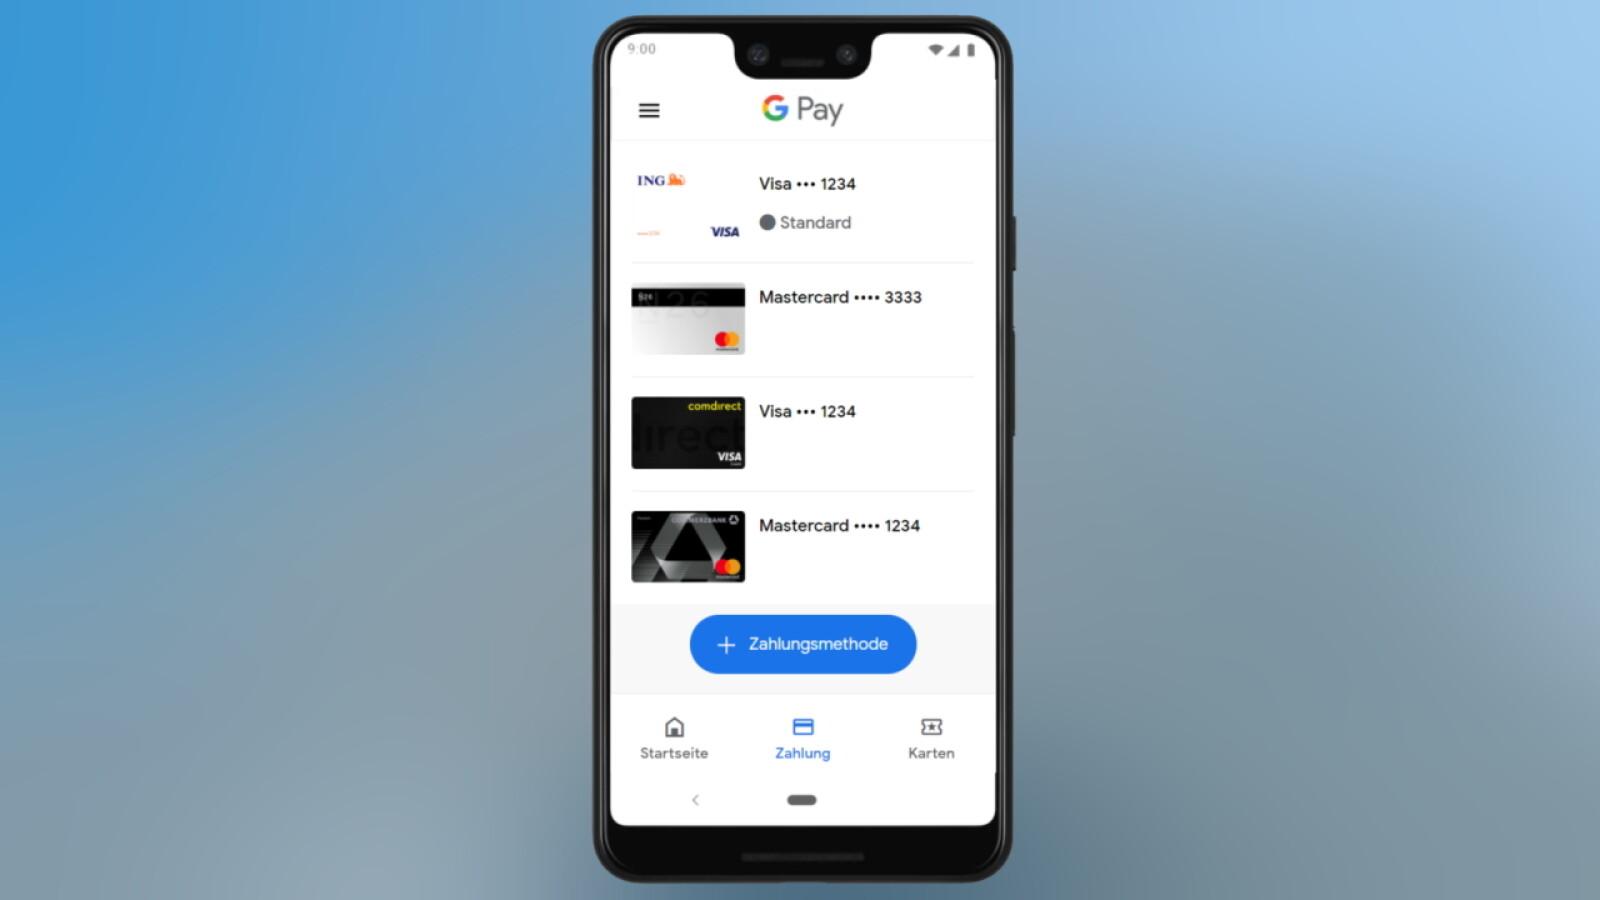 Google Pay: Bezahldienst für Smartphones einrichten - So geht´s